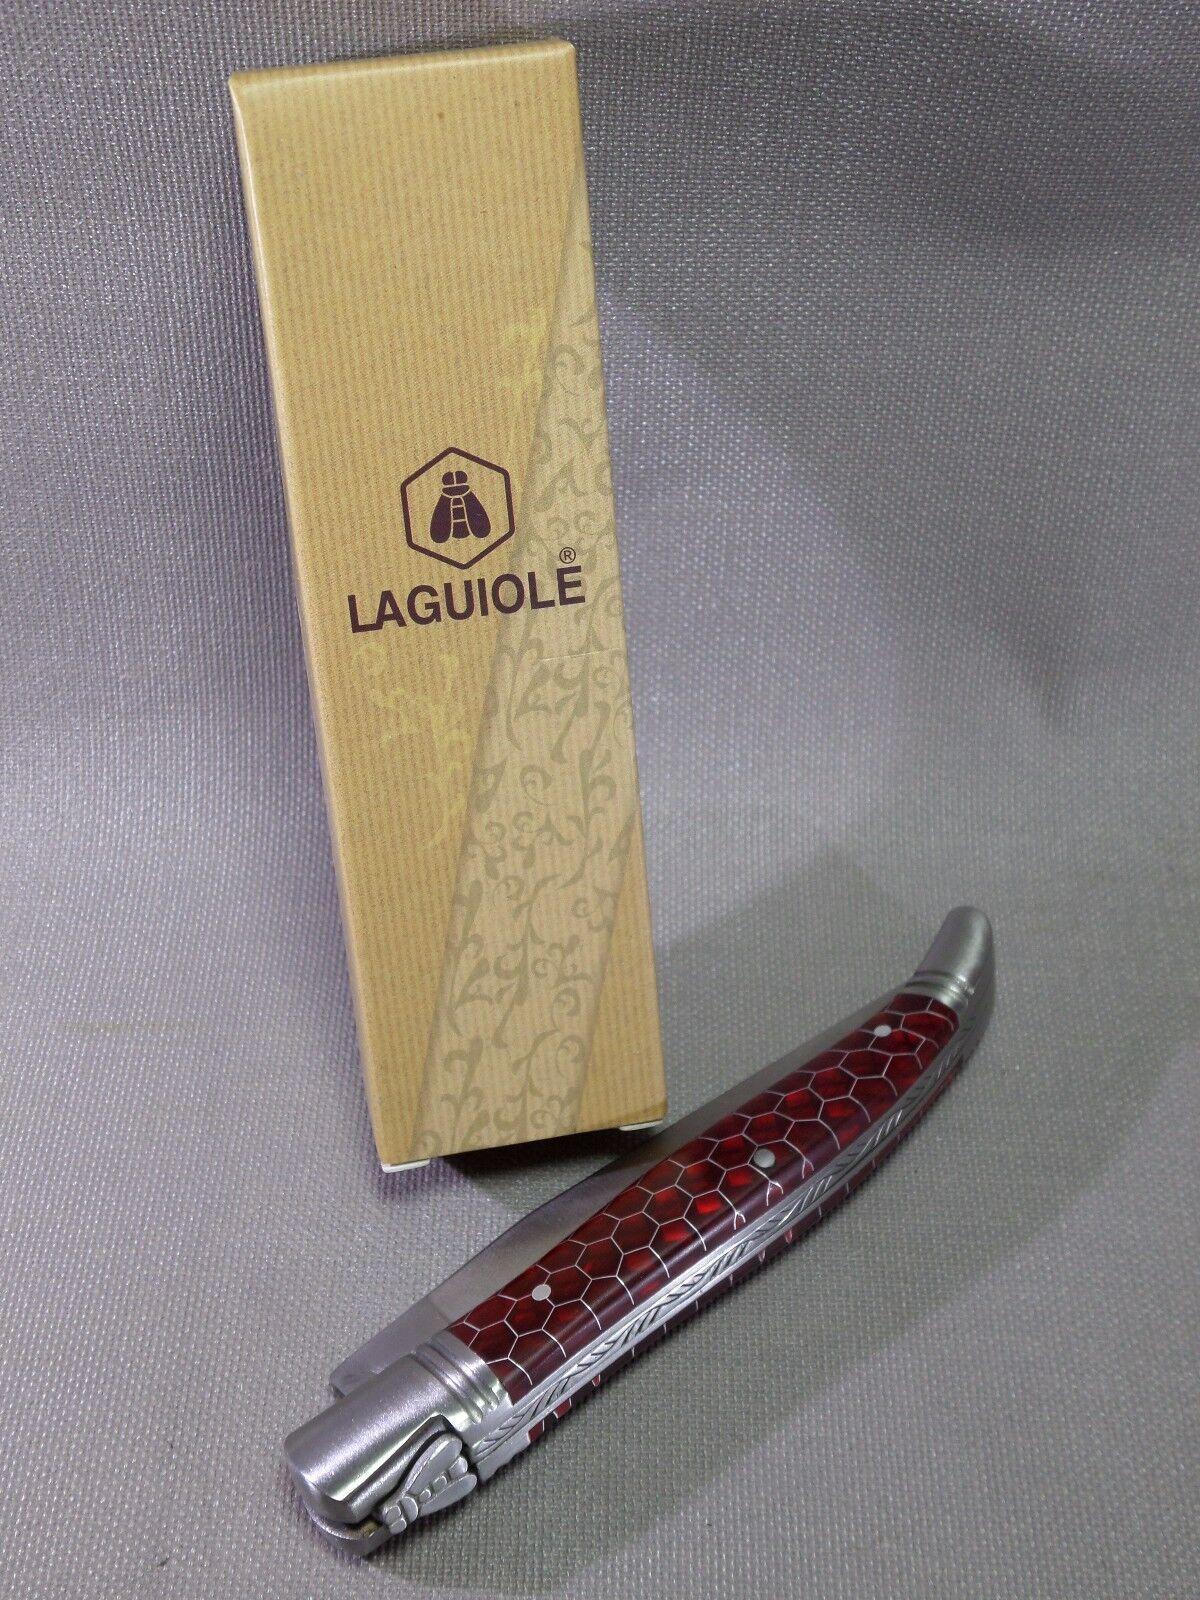 Noble aspect-NOUVEAU LAGUIOLE couteau de poche-Abeilles ajourées aspect-NOUVEAU Noble & NEUF dans sa boîte - 268382 bbb359